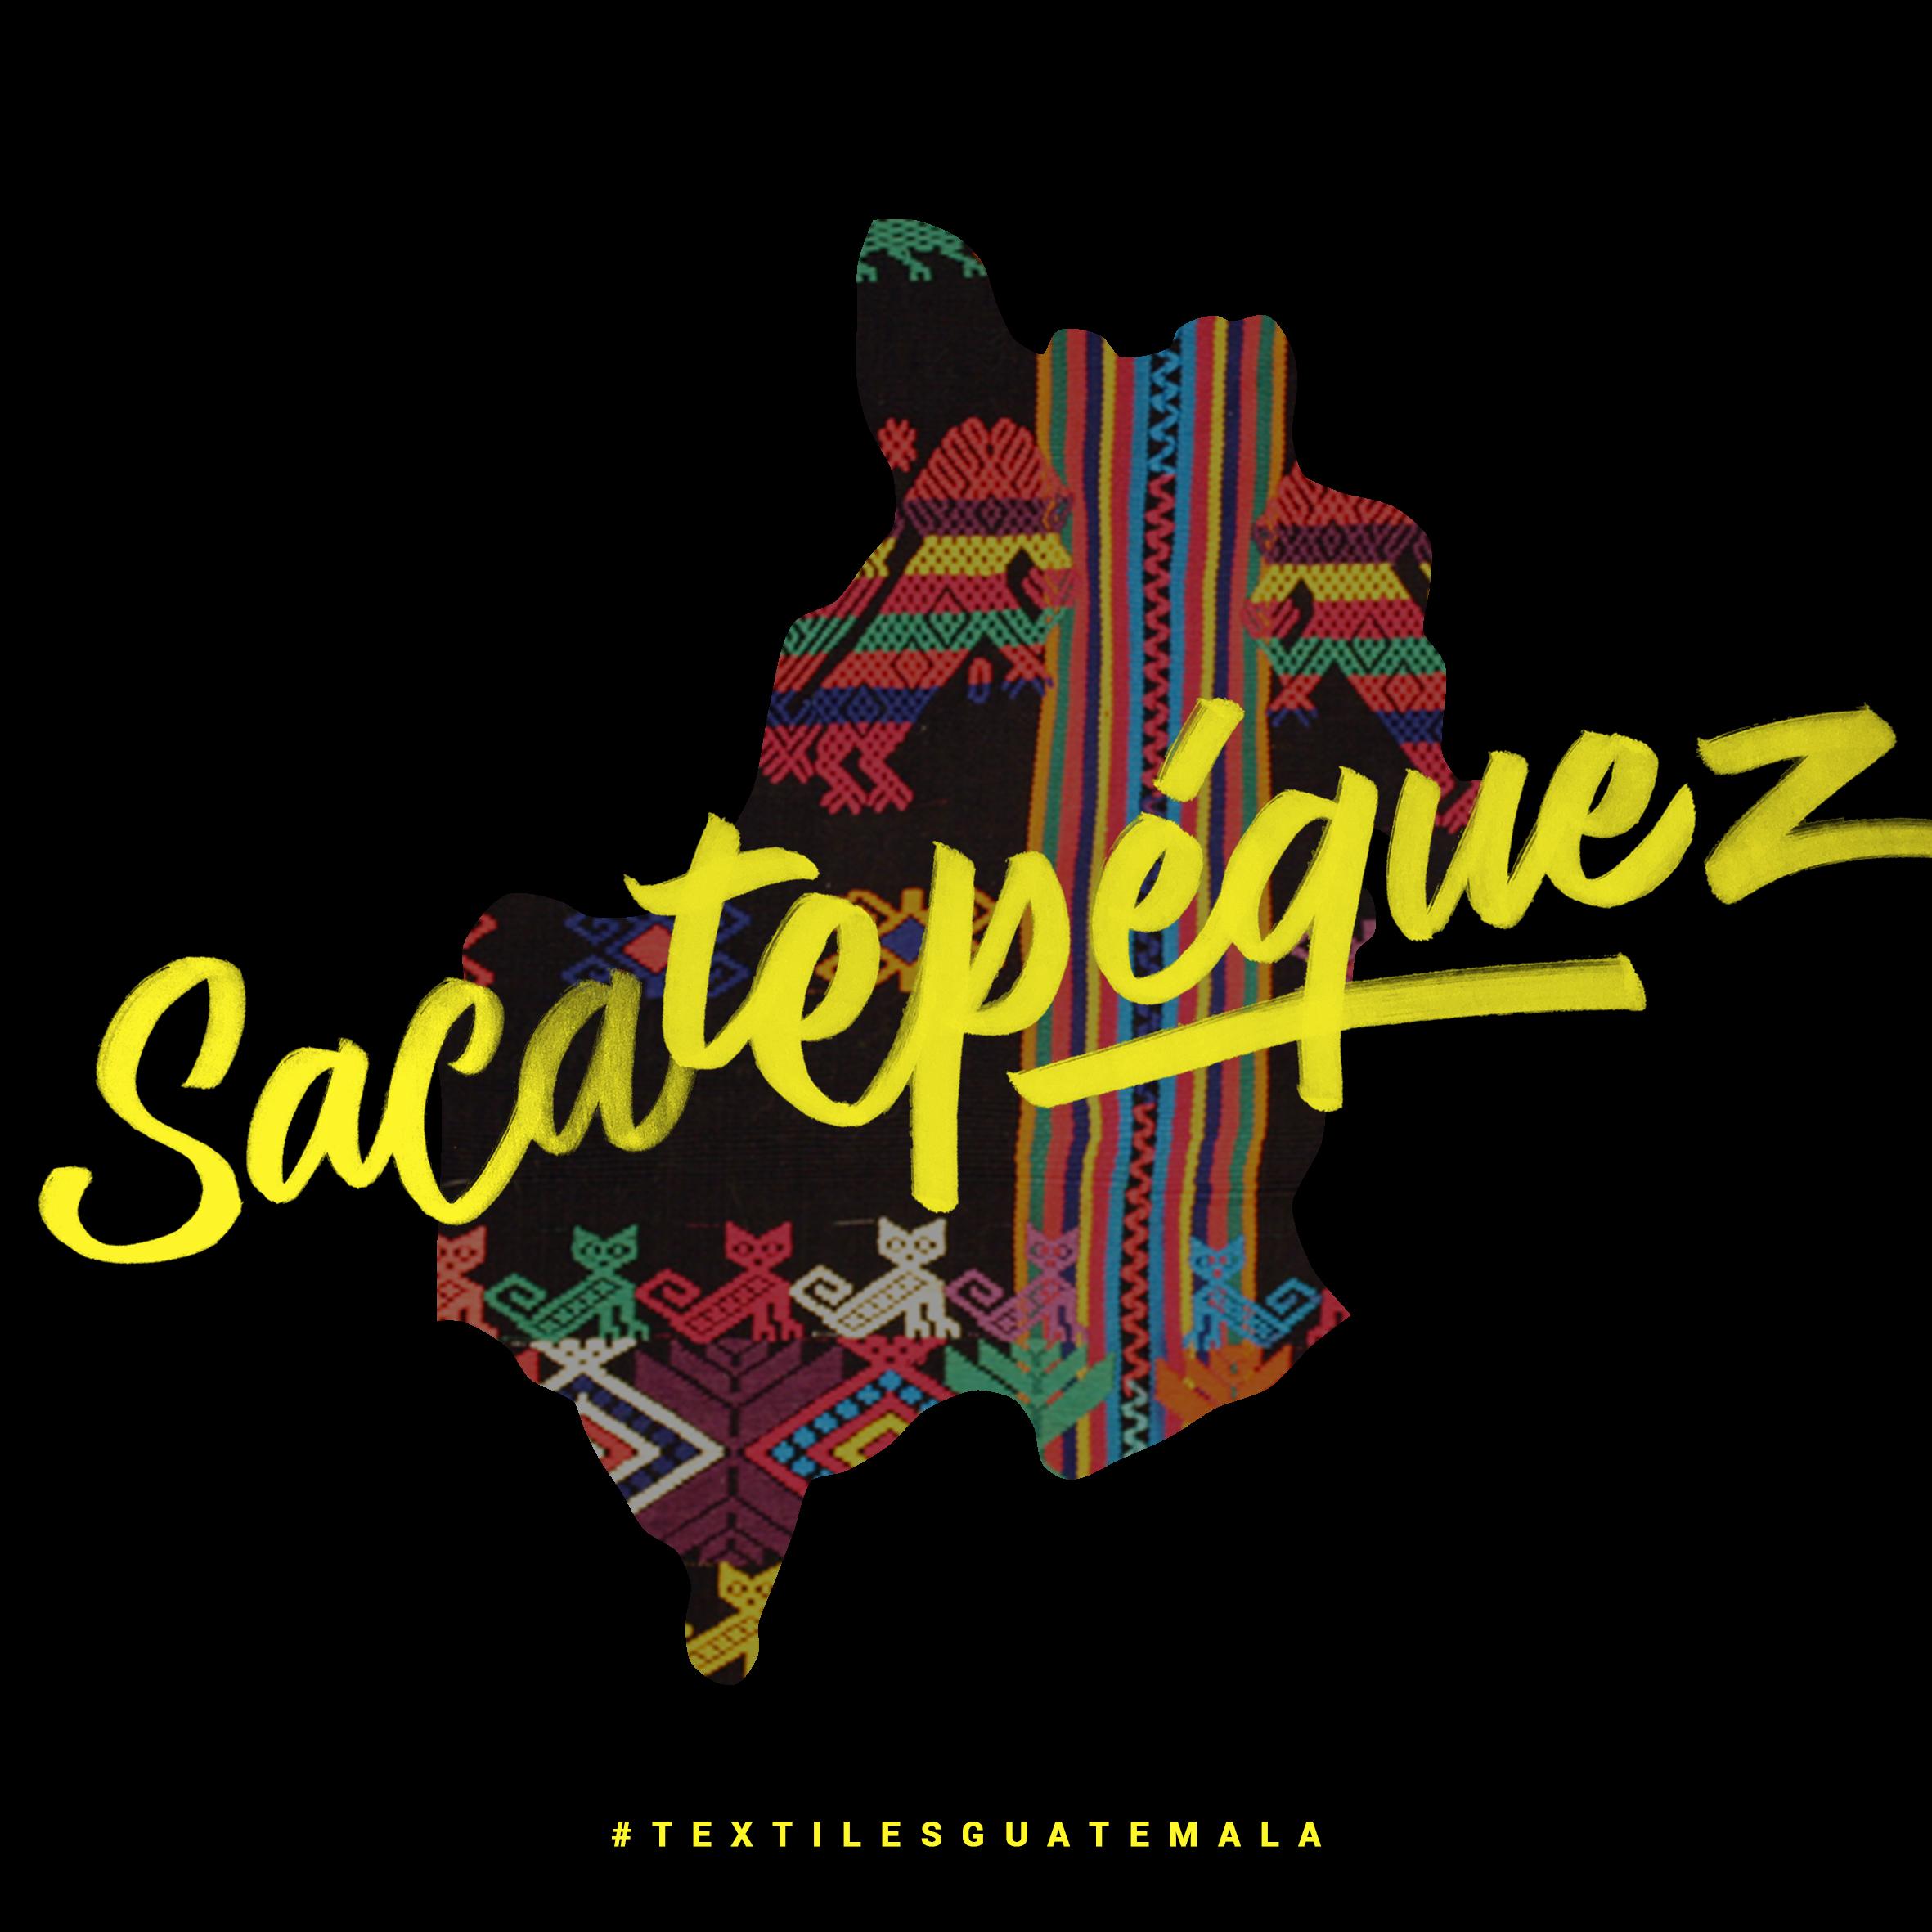 Sacatepequez.jpg